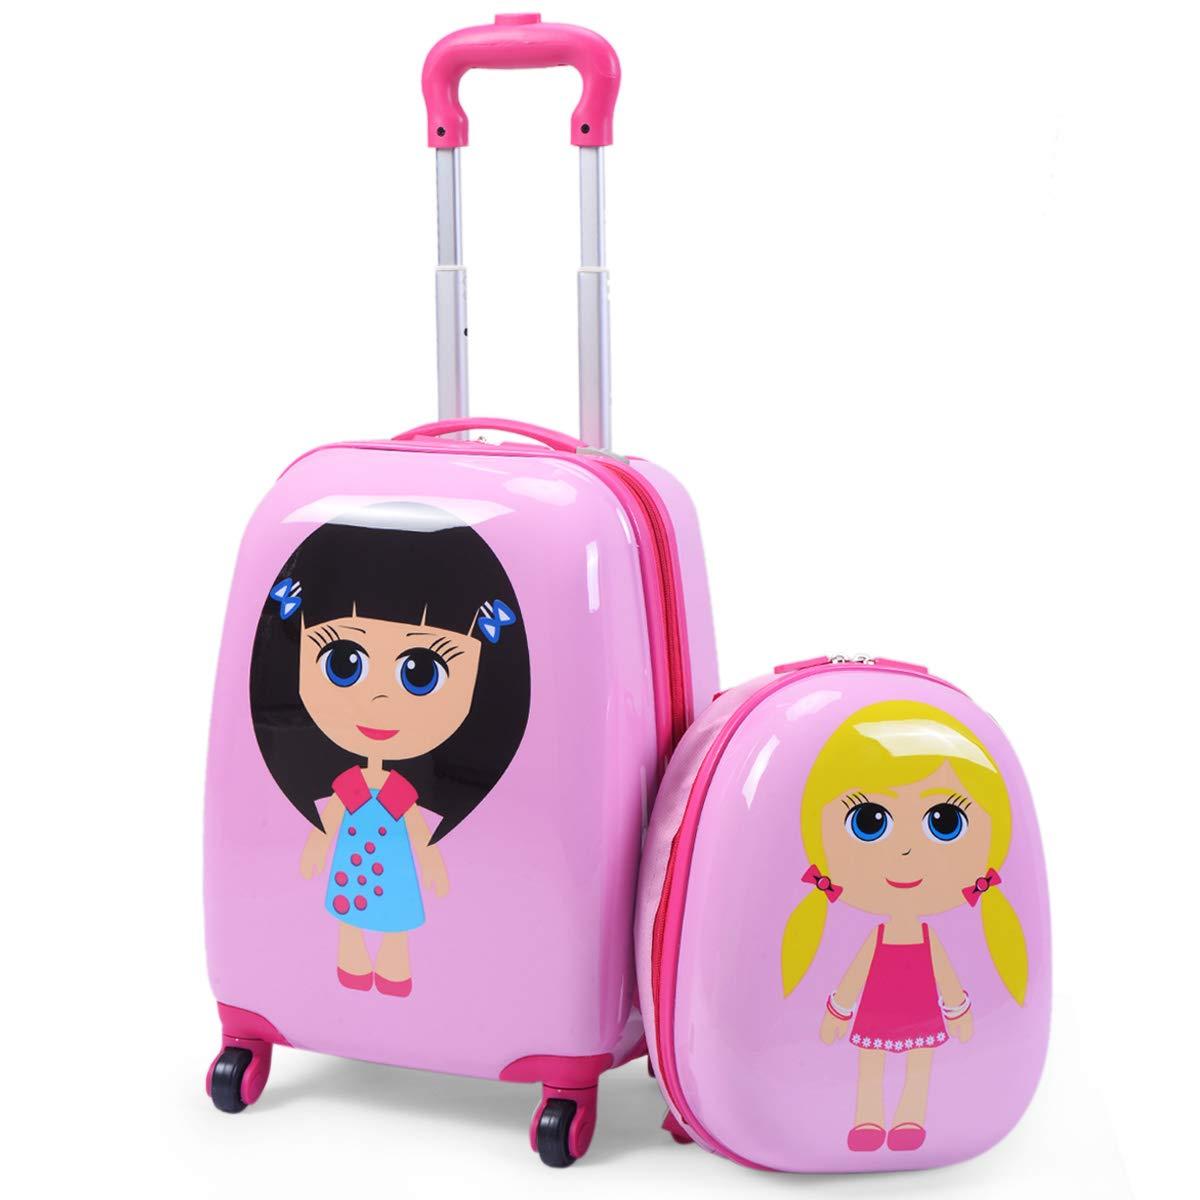 GOPLUS Valigia per Bambini con Zaino Bagaglio a Mano Piccolo Bagaglio per Viaggio